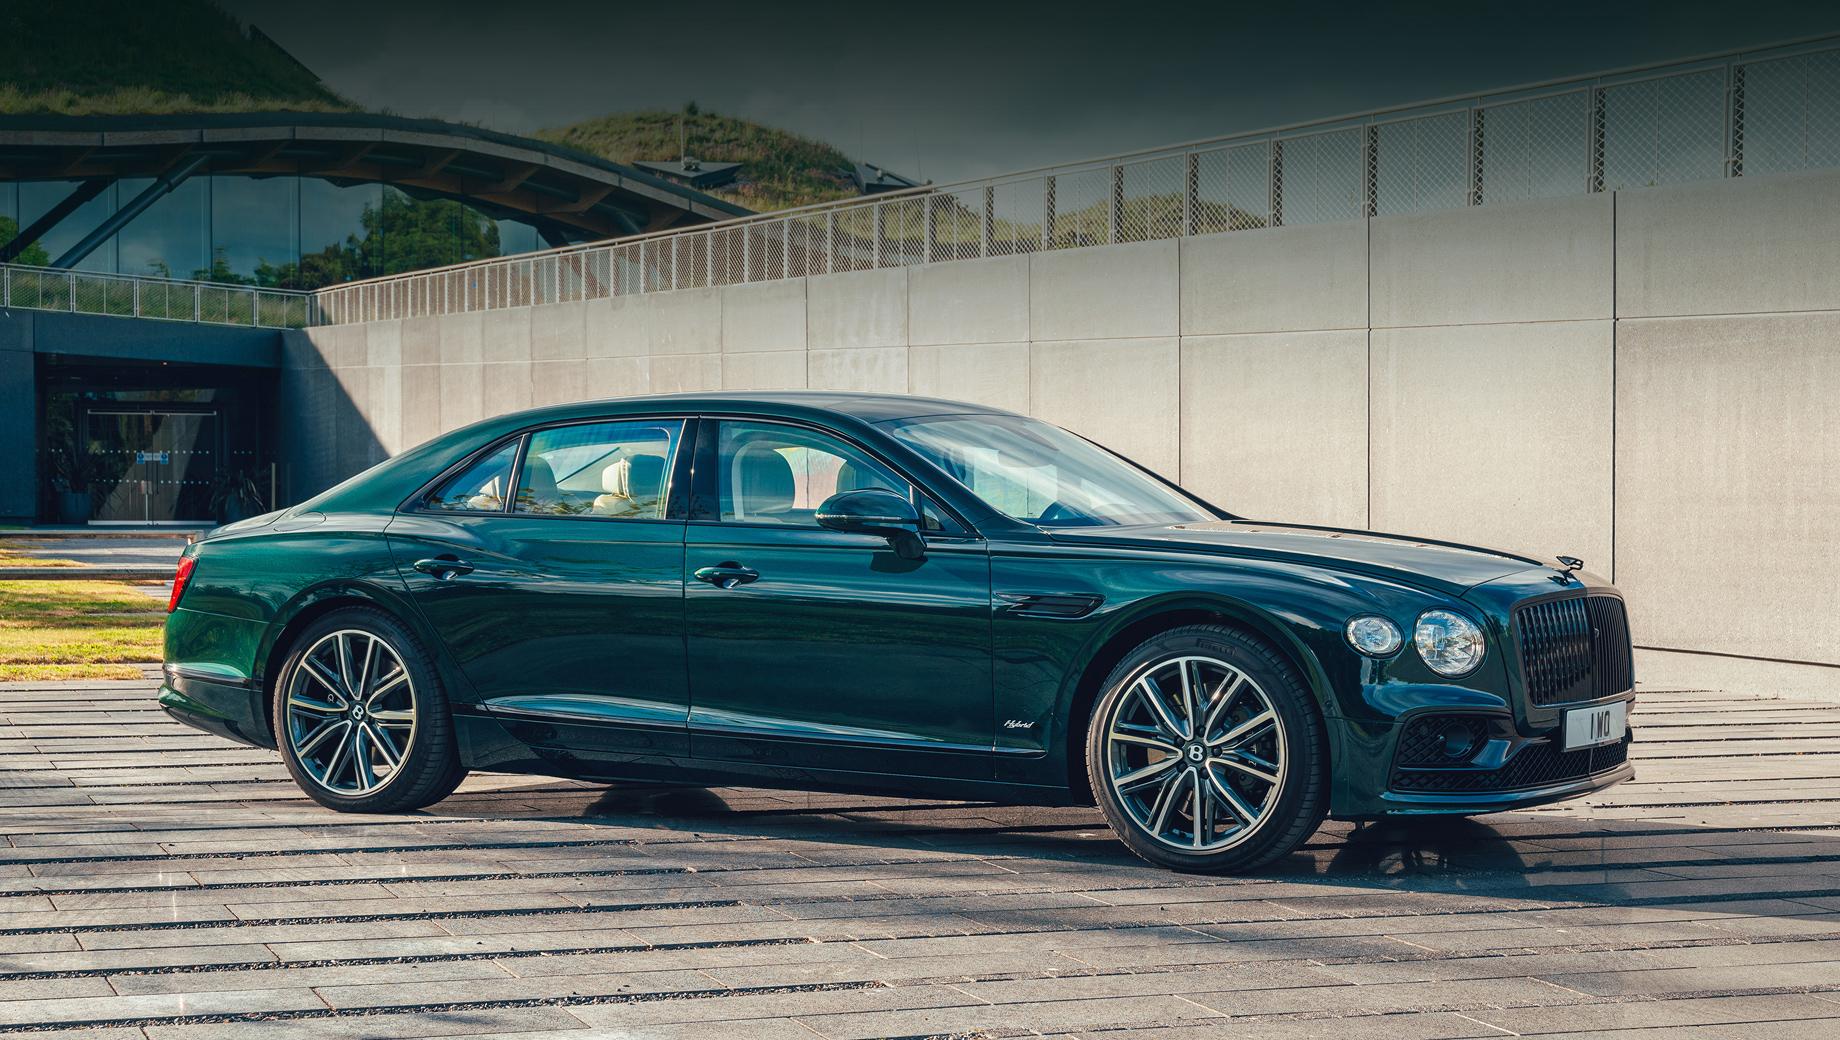 Bentley flying spur,Bentley flying spur hybrid. Разработчики называют четырёхдверку самым эффективным Bentley и приводят номинальный запас хода с заряженным аккумулятором и полным баком — более 700 км.